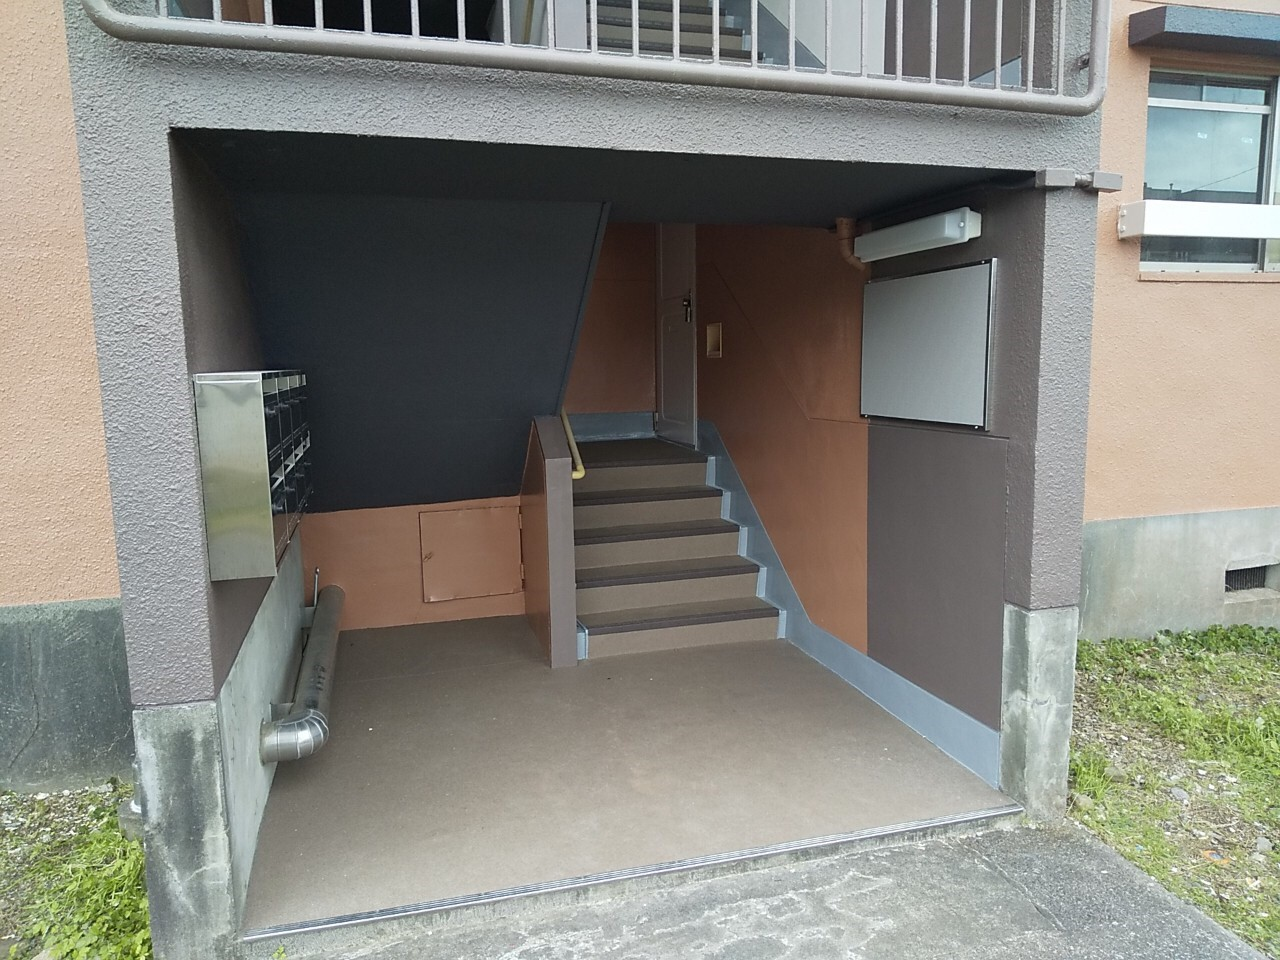 静岡県 マンション2棟イメージアップ工事